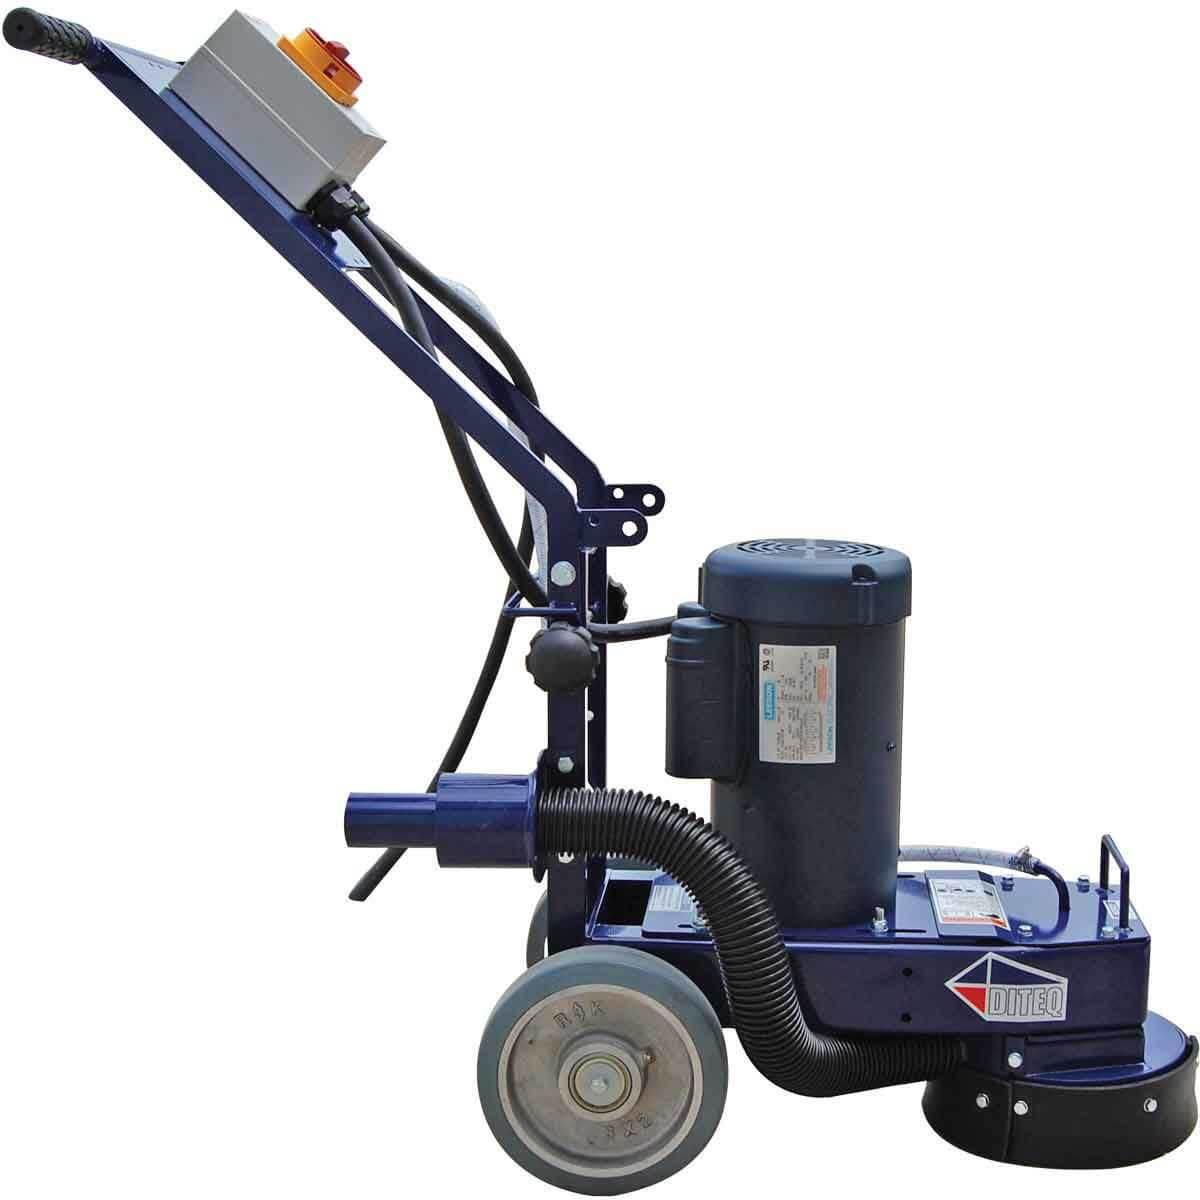 Diteq Teq-Edge Grinder vacuum